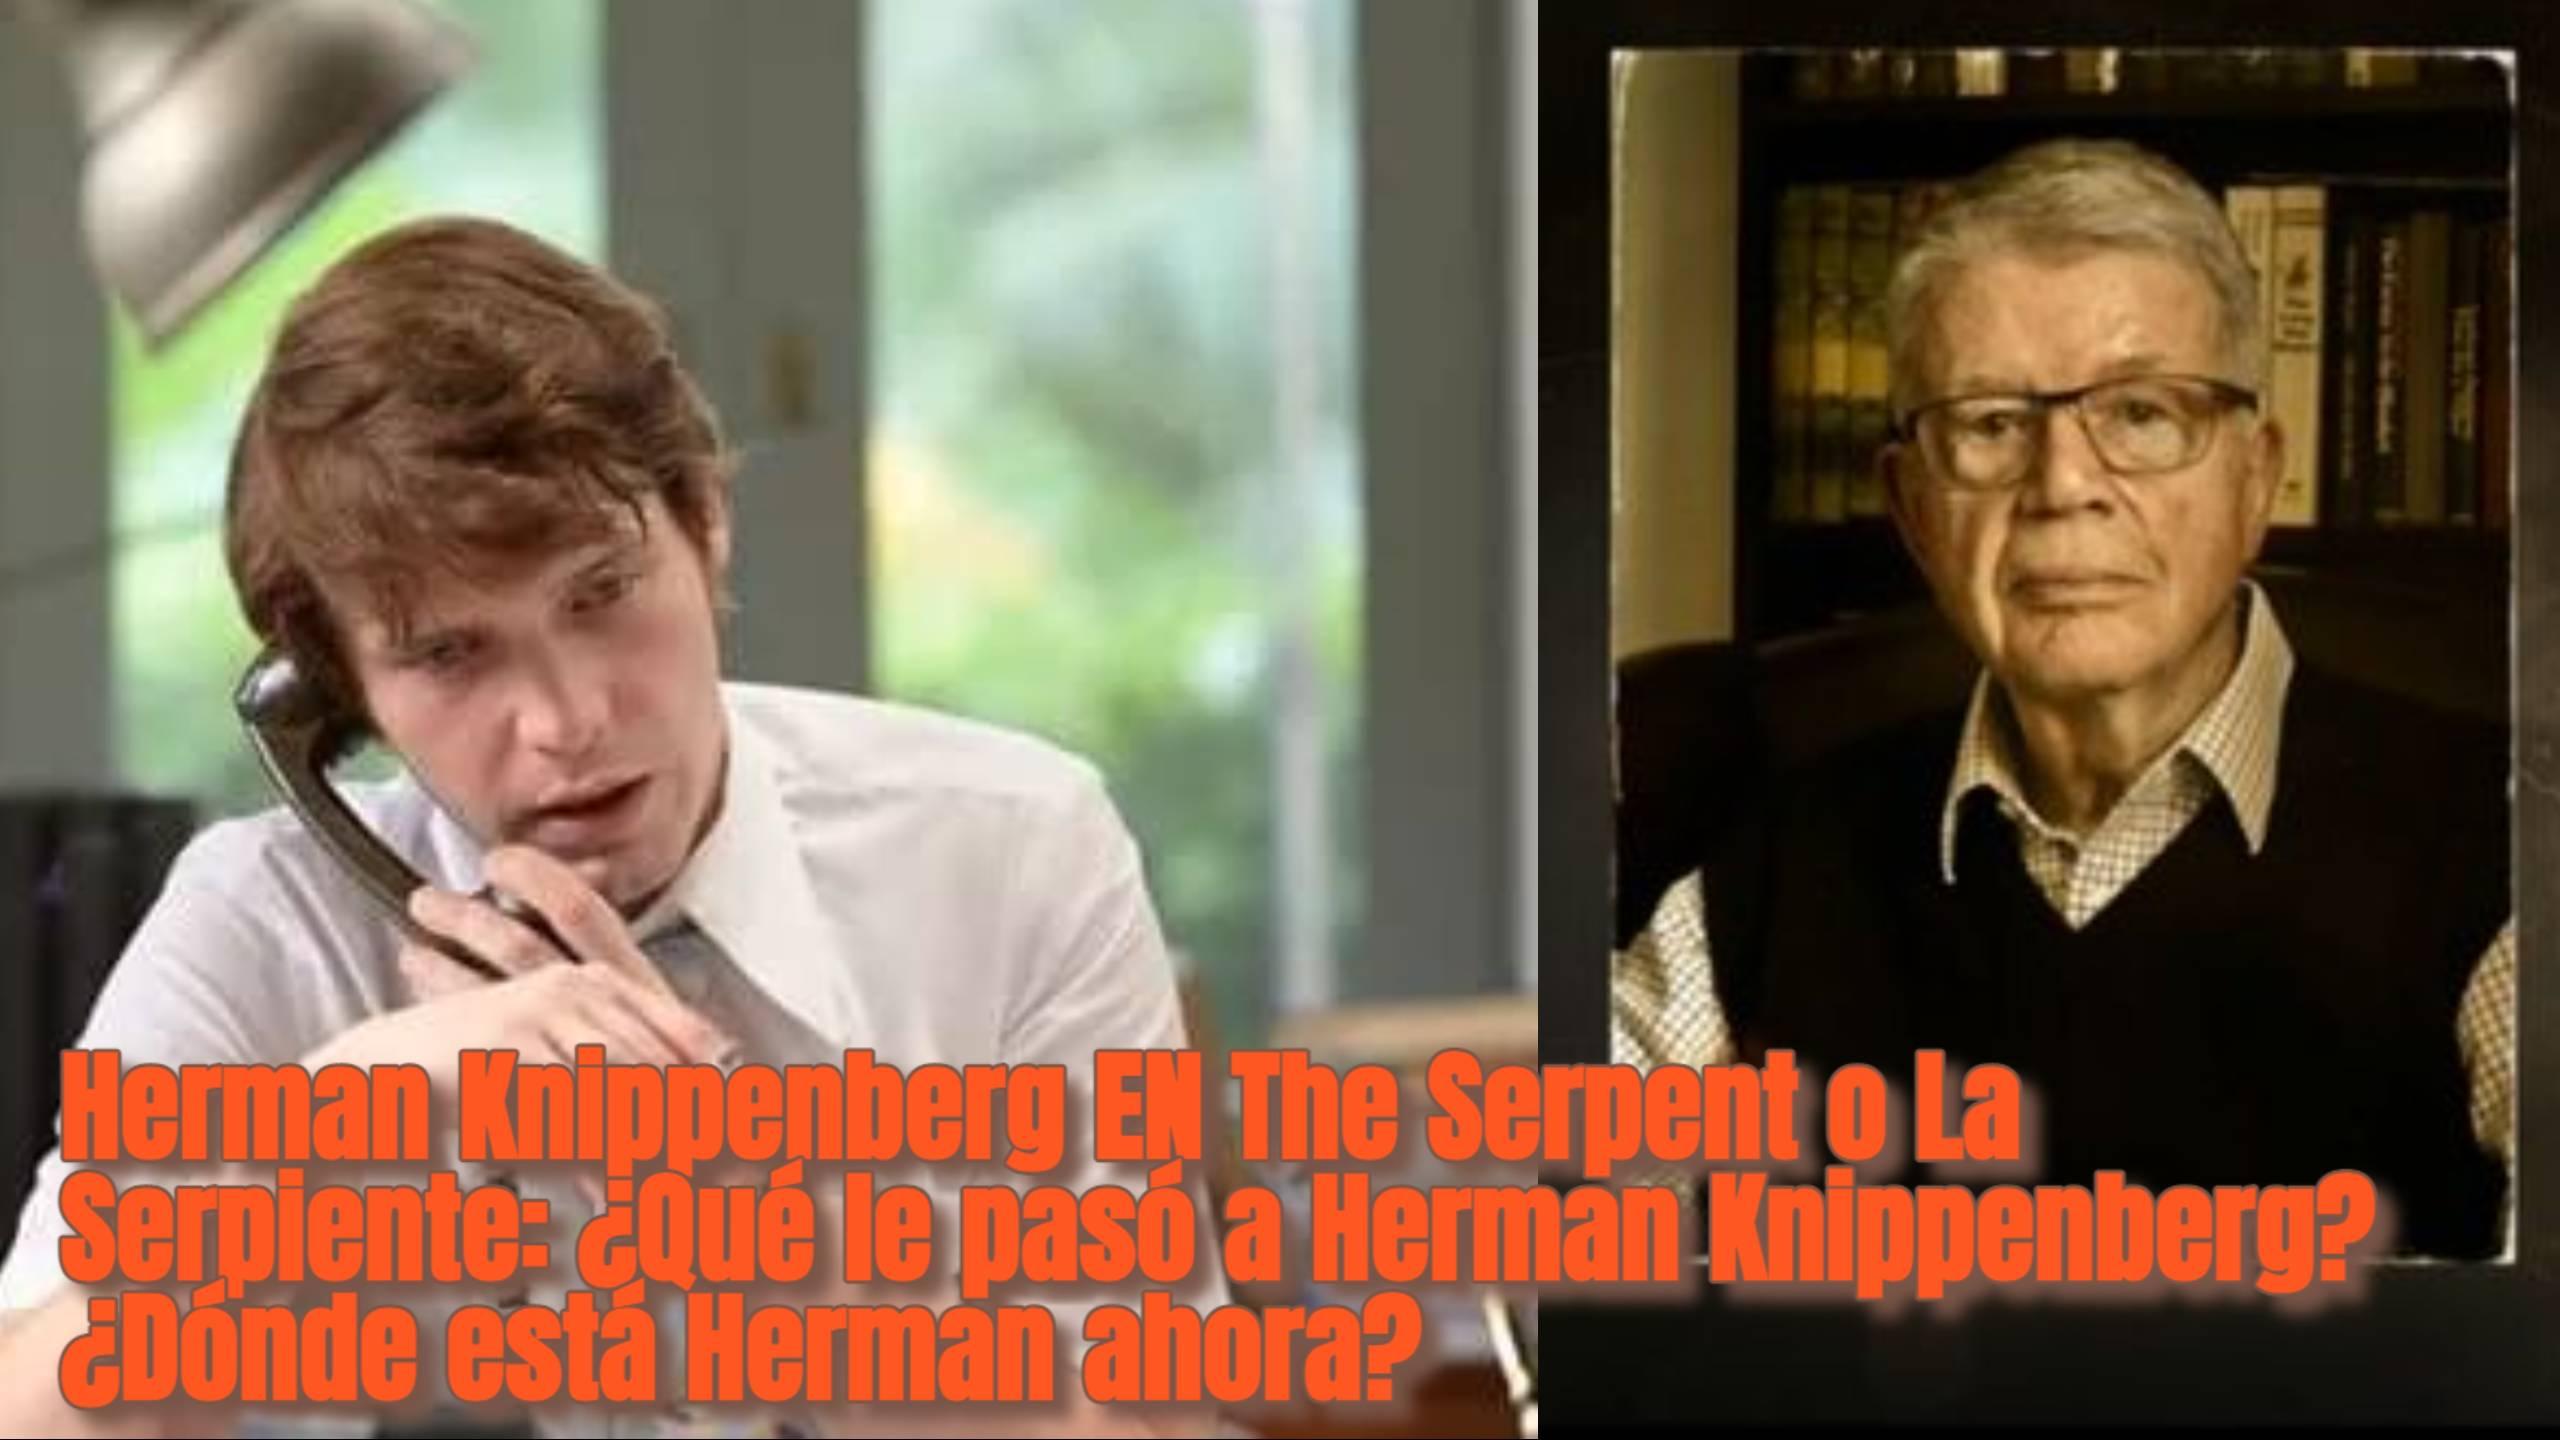 Herman Knippenberg EN The Serpent o La Serpiente: ¿Qué le pasó a Herman Knippenberg? ¿Dónde está Herman ahora?